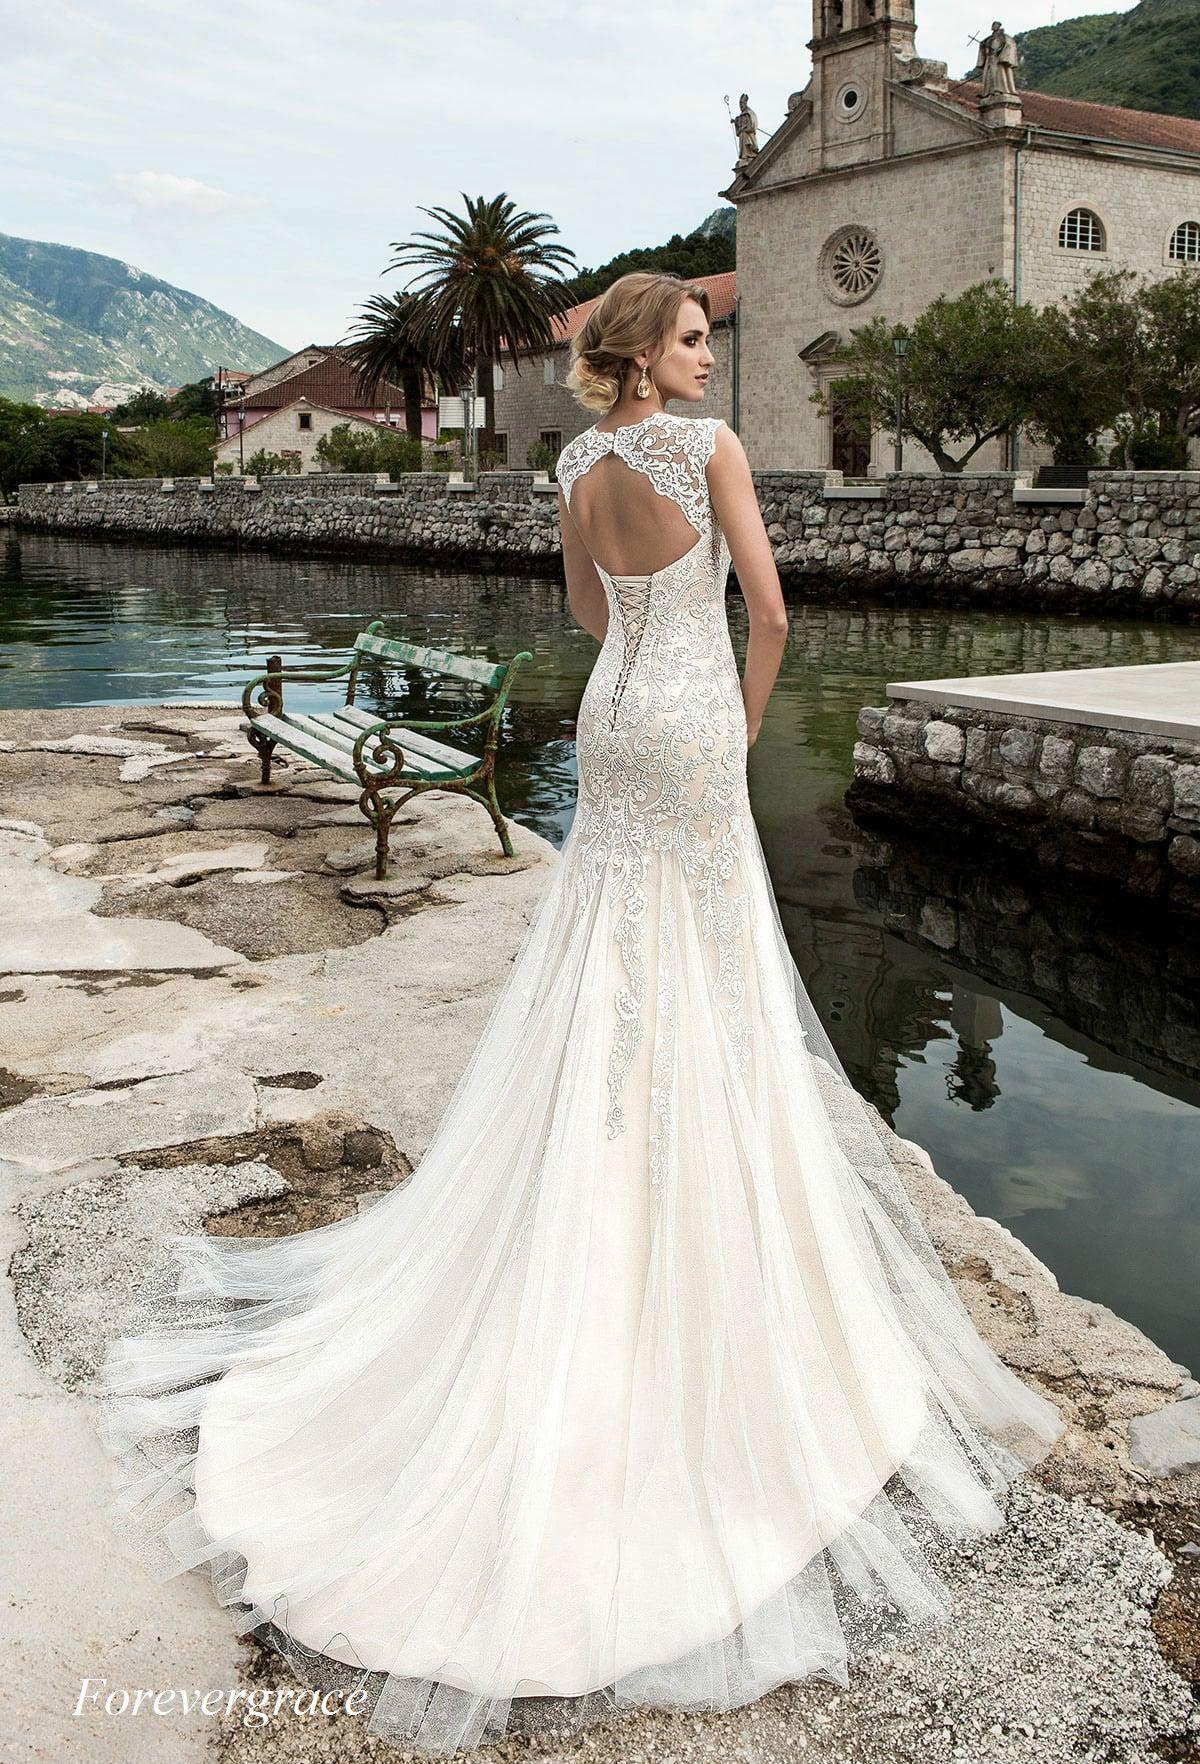 Großhandel Elegante Meerjungfrau Spitze Korsett Zurück Hochzeitskleid Lange  Rundhalsausschnitt Backless Frauen Brautkleid Plus Größe Nach Maß Vestido